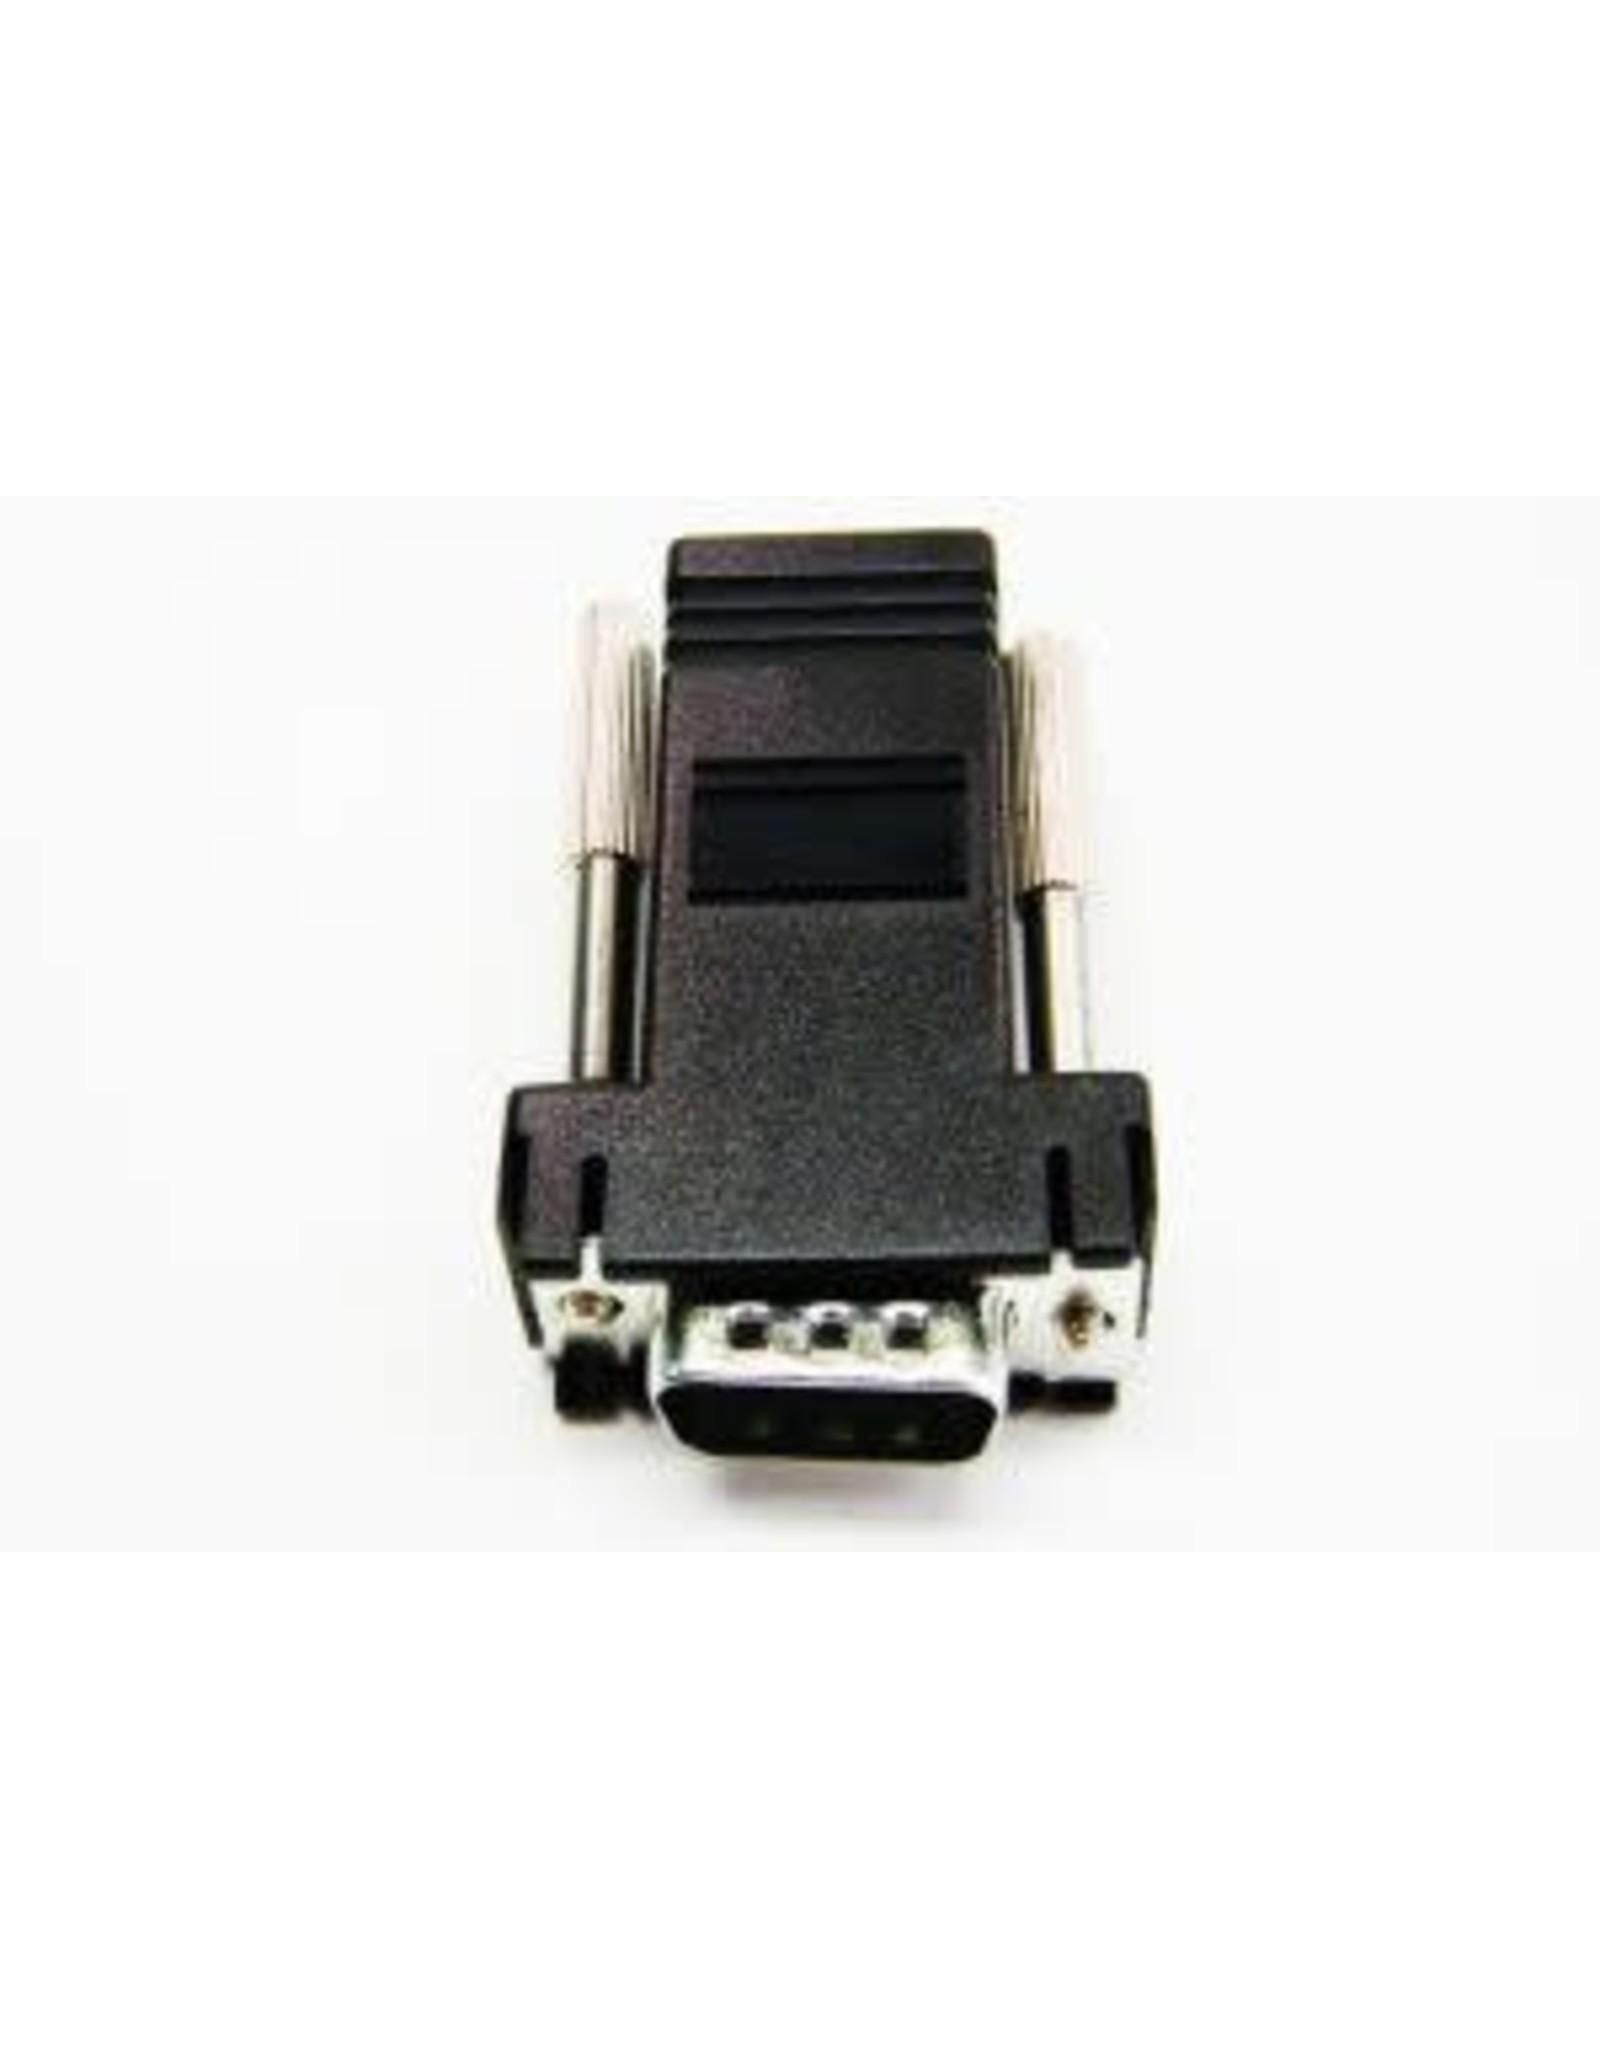 Pegasus Astro Pegasus EQDIR USB Stick for EQMOD